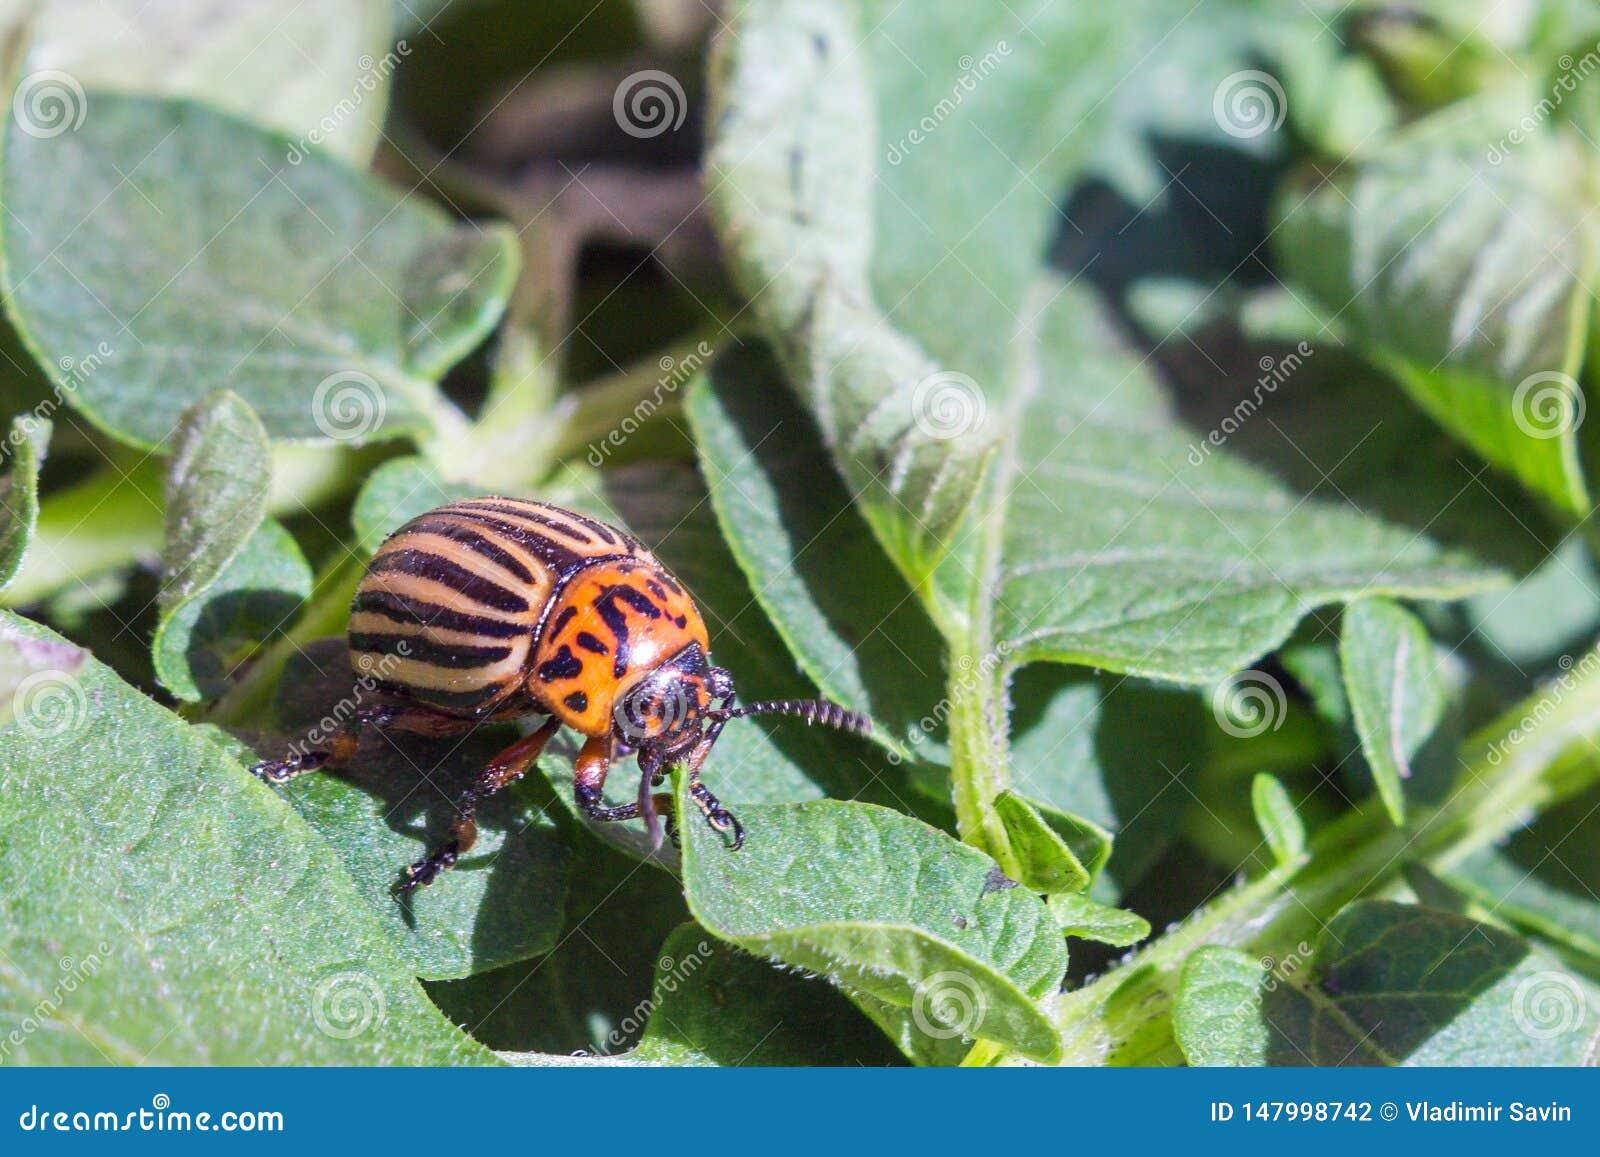 Una fine sull immagine della dorifora della patata a strisce che striscia sulle patate e sulle foglie verdi e le mangia